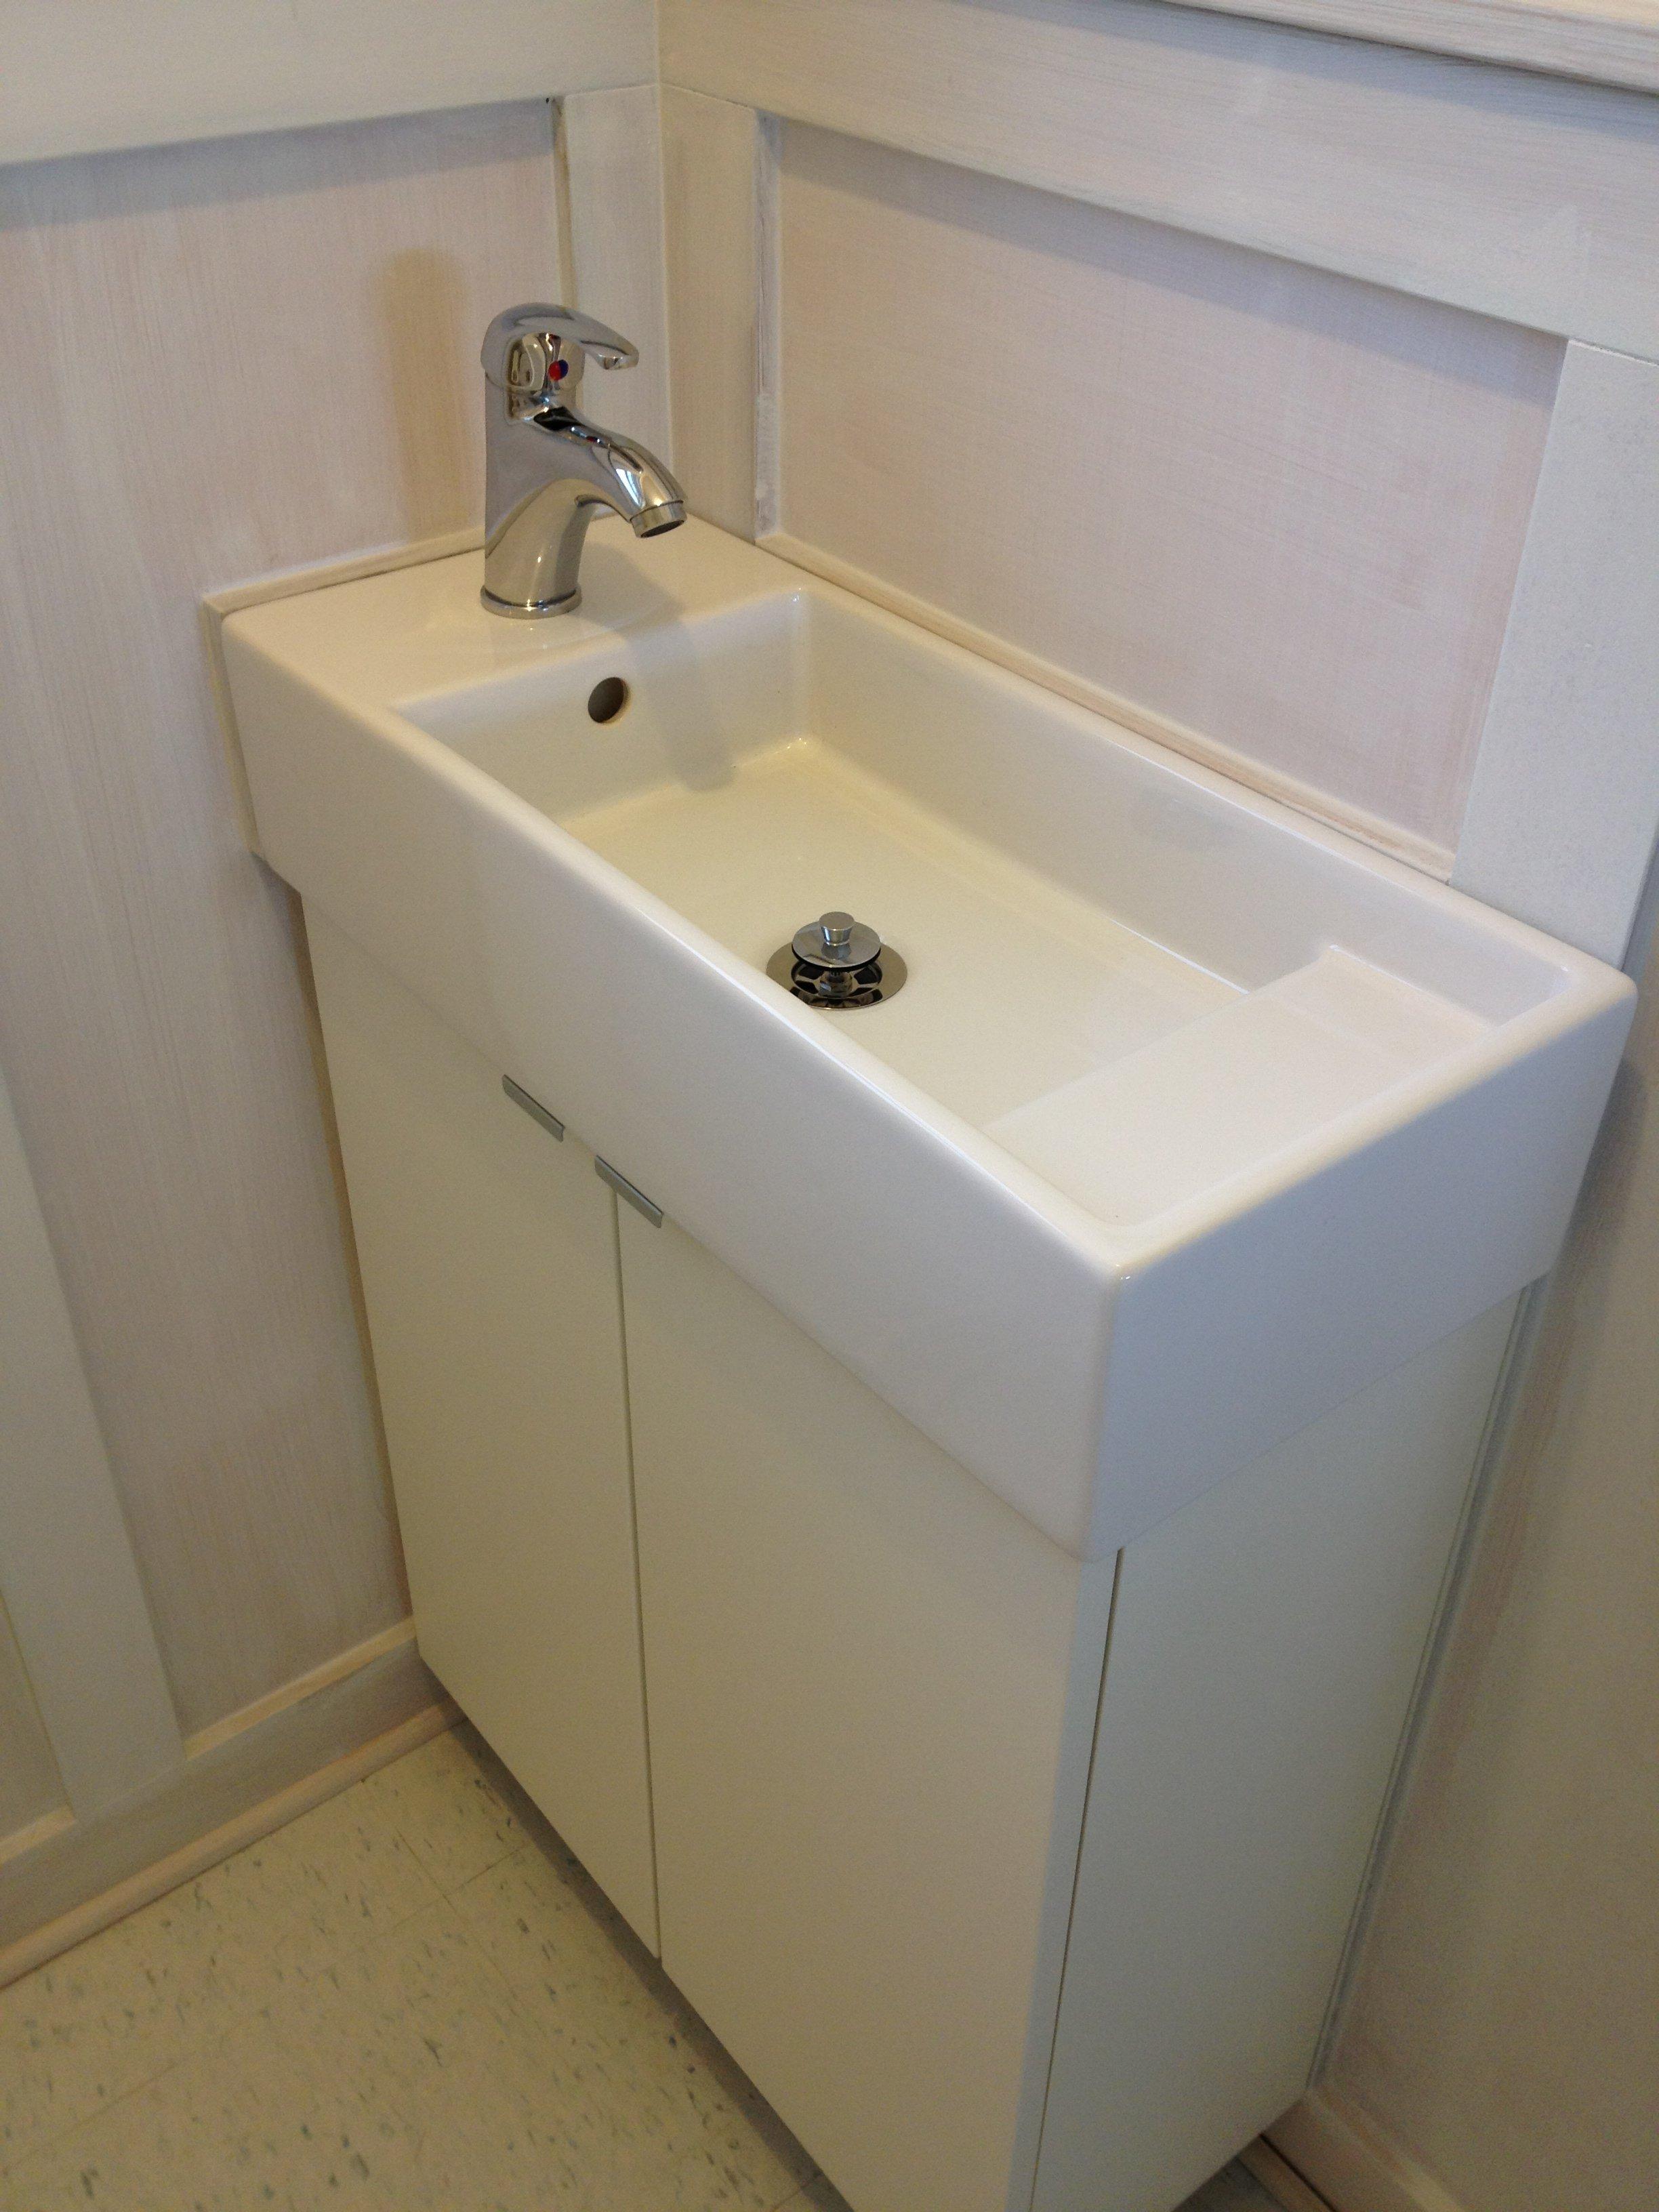 Ikea Small Bathroom Sink: Lillangen Sink From Ikea. With Krakskar Faucet